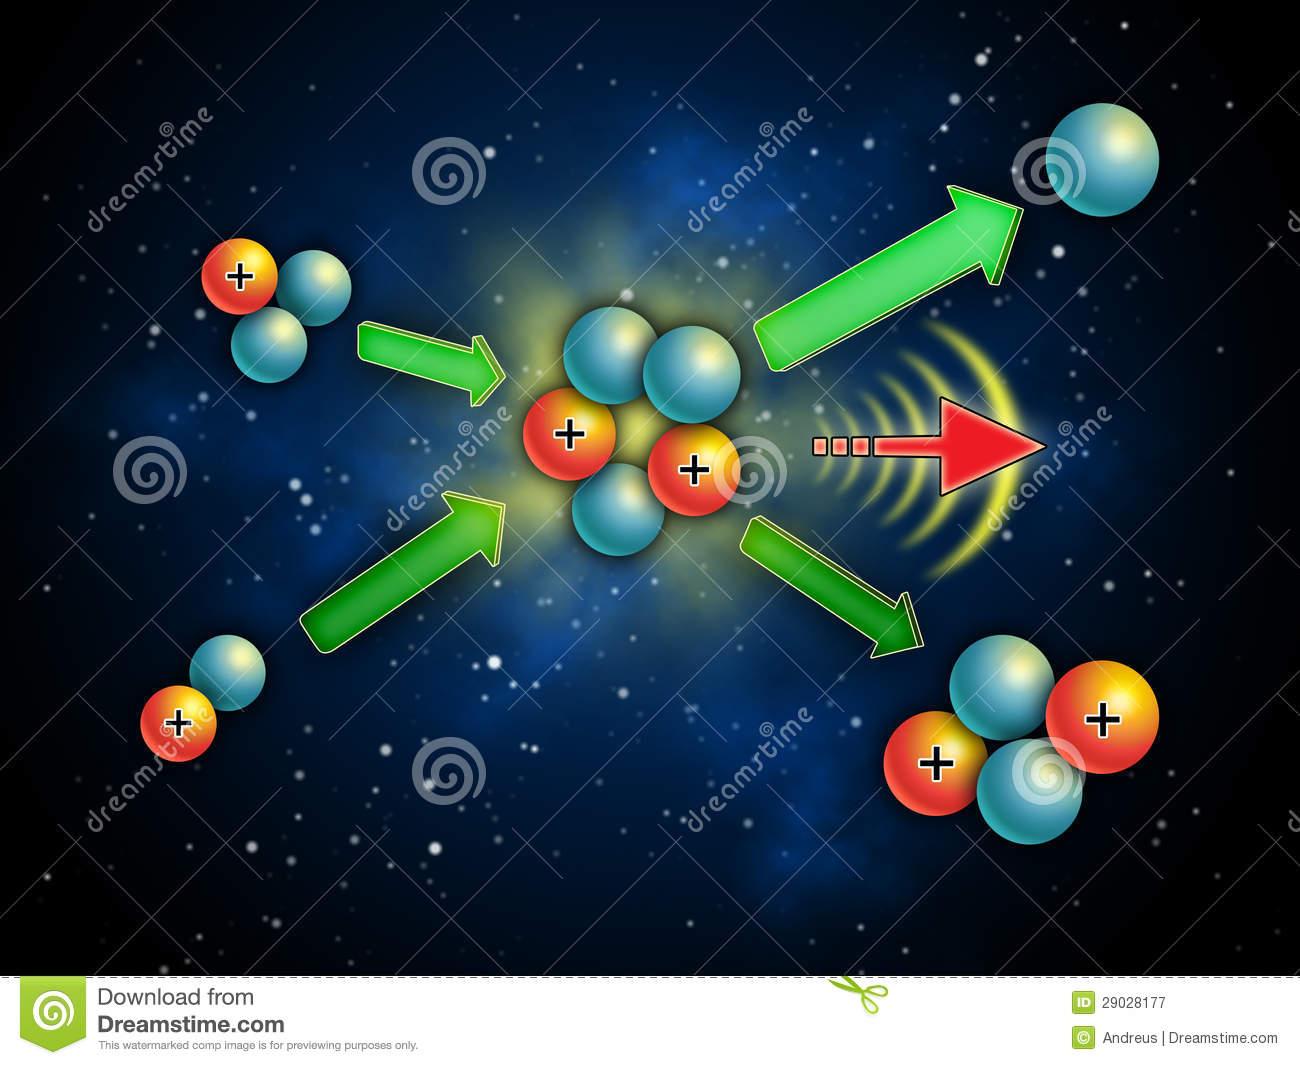 fusione-nucleare-29028177